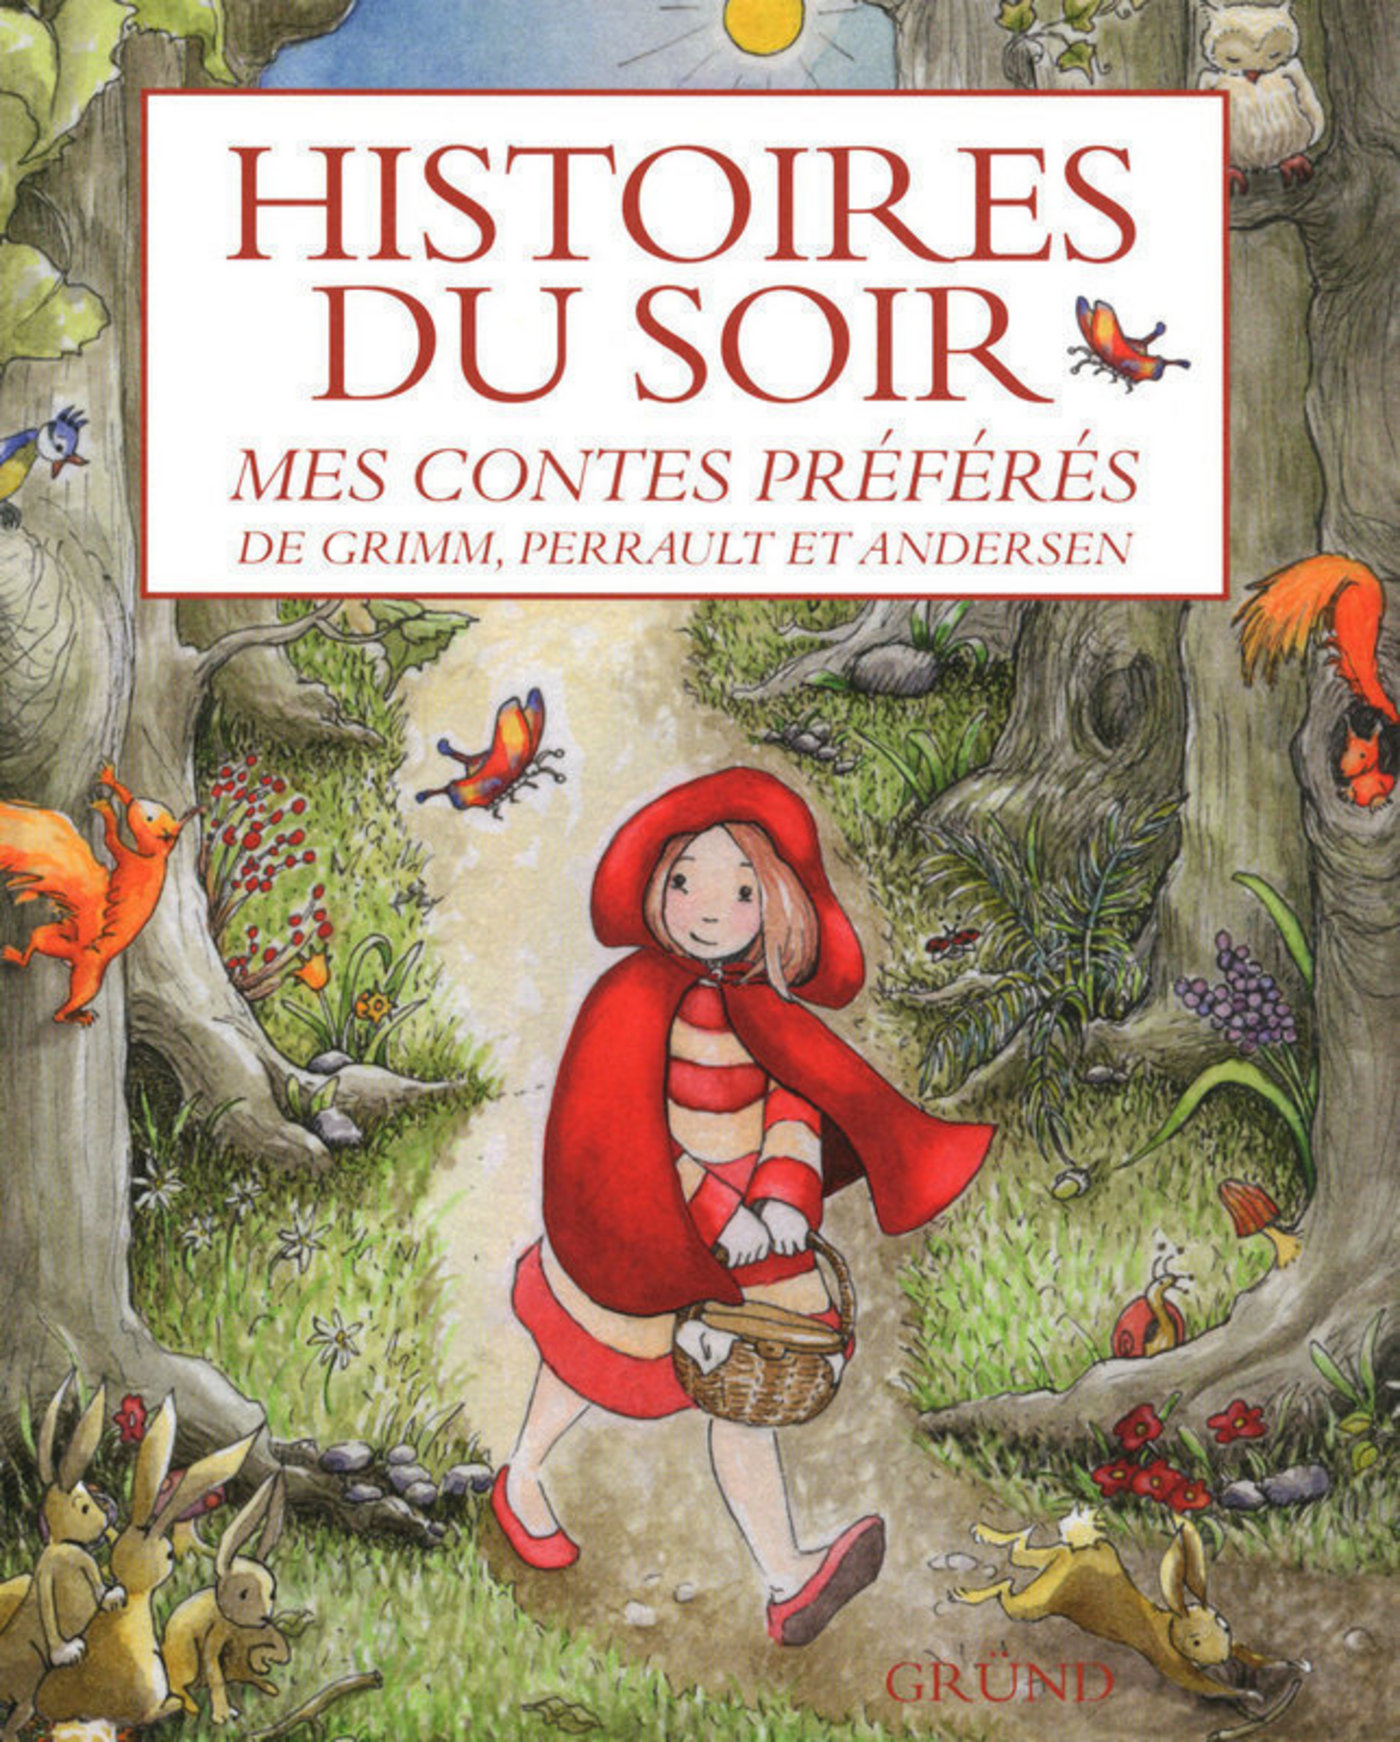 Histoires du soir - Mes contes préférés (ebook)